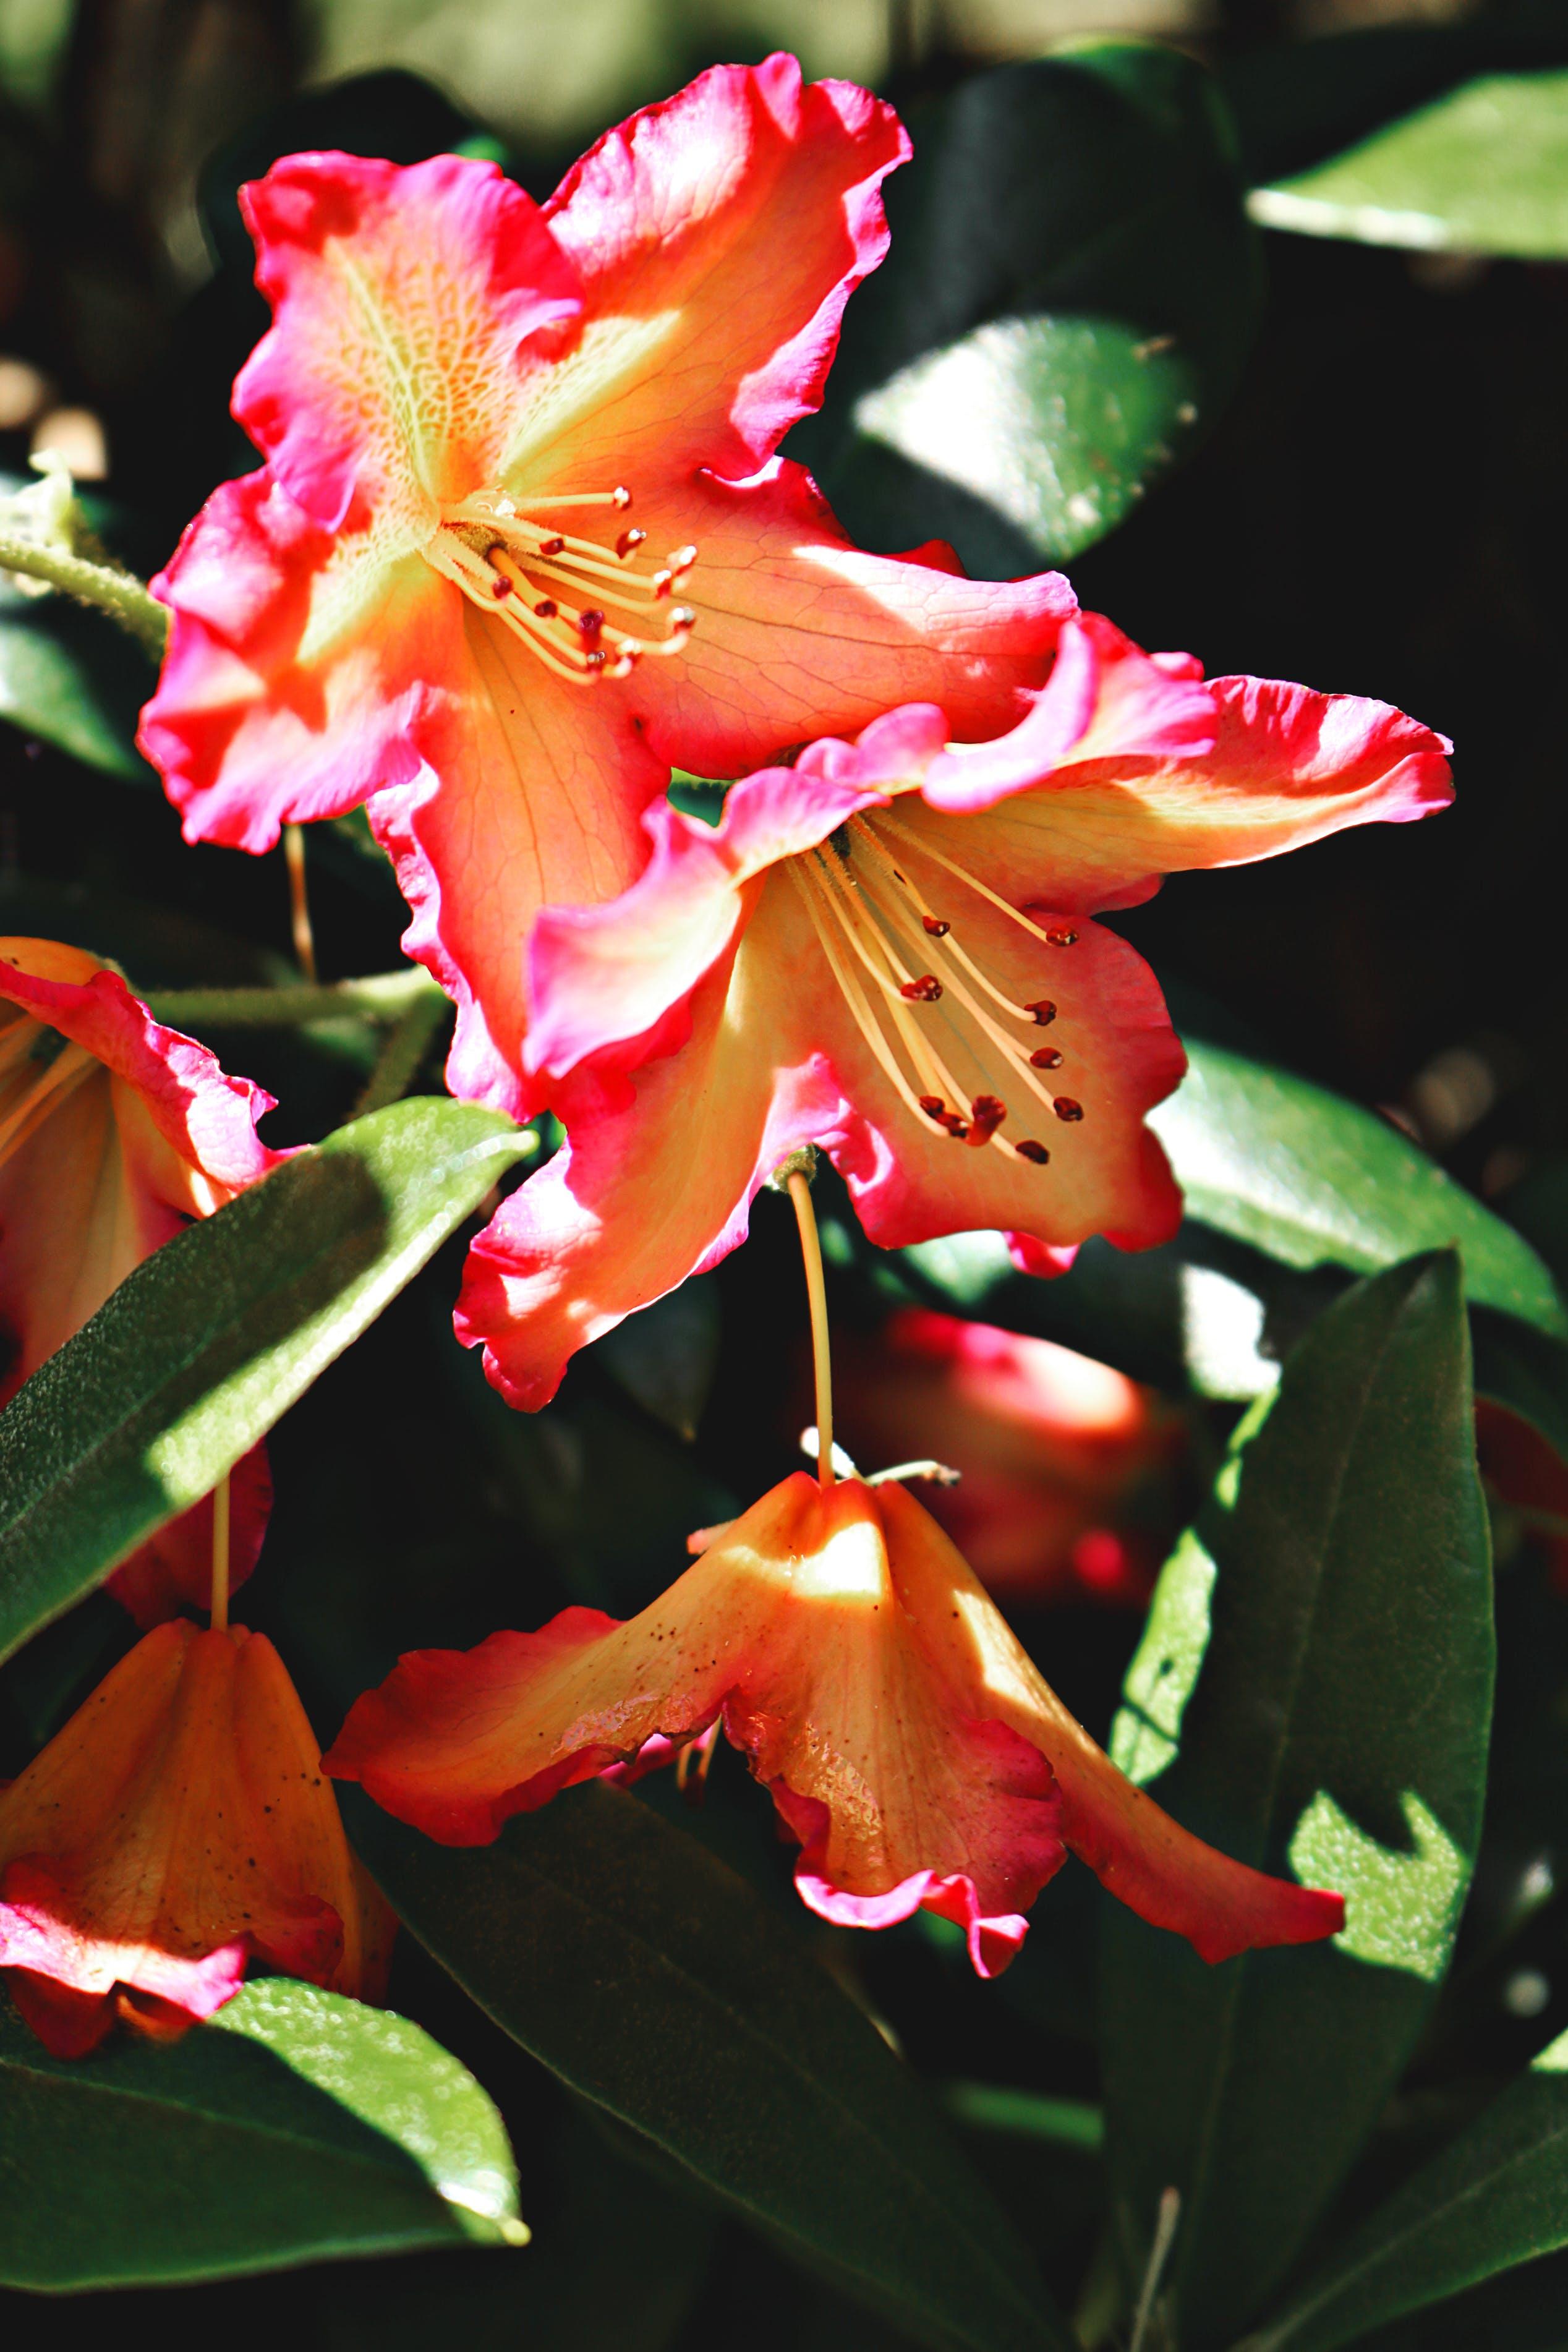 Orange Petaled Flowers Photo